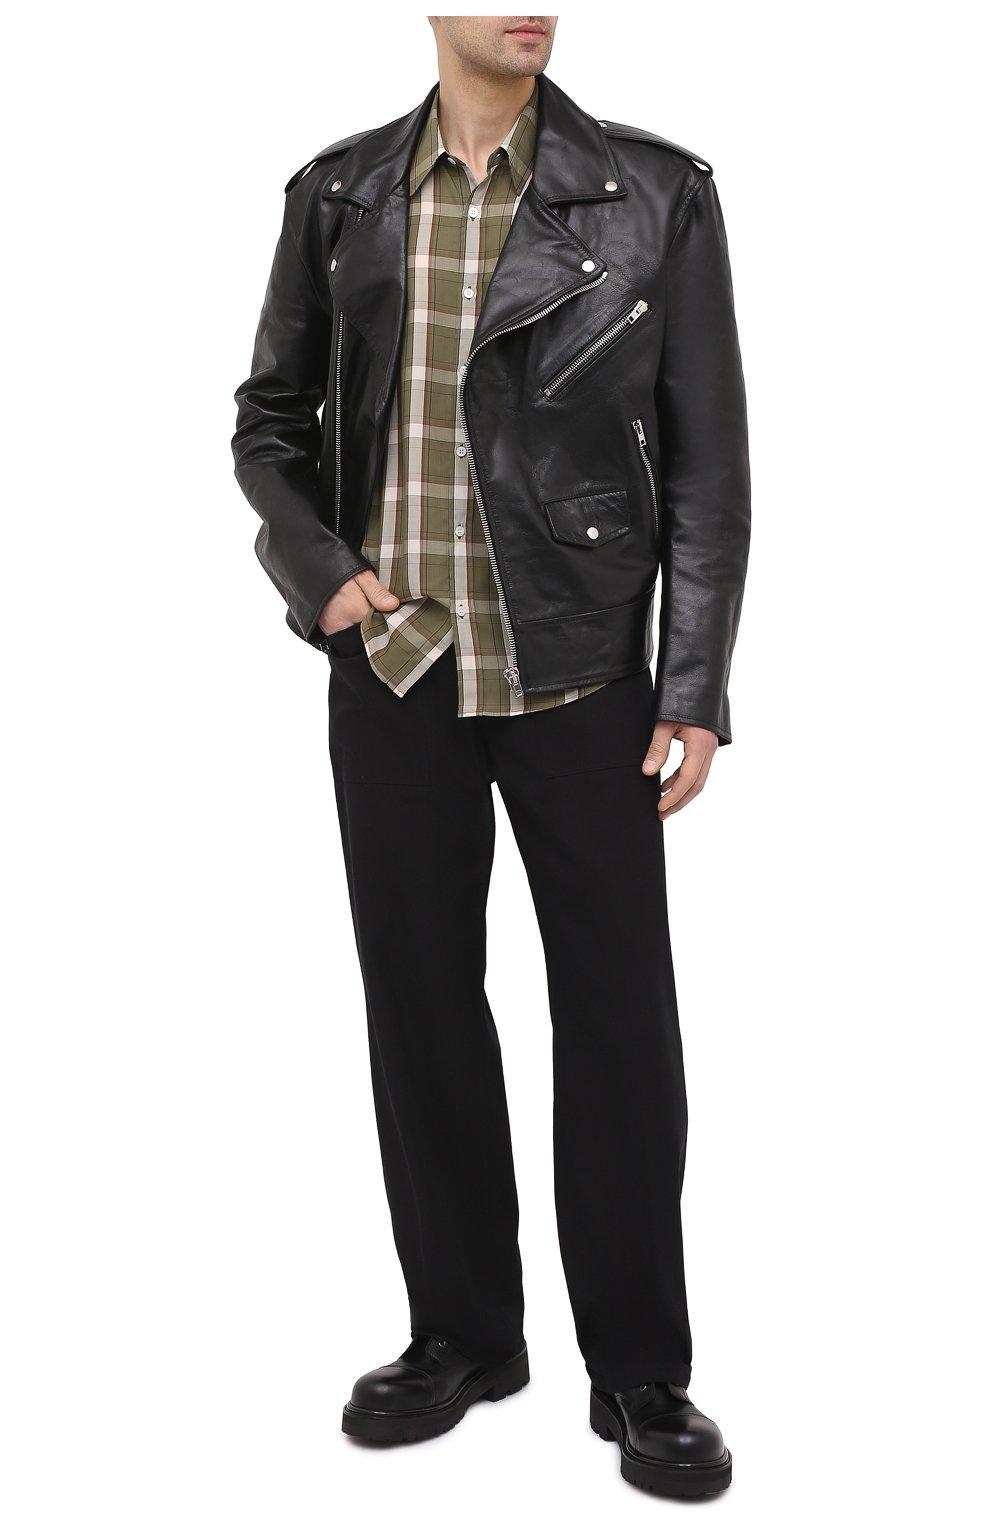 Мужская кожаная куртка VETEMENTS черного цвета, арт. UE51JA800WL 2470/M   Фото 2 (Кросс-КТ: Куртка; Рукава: Длинные; Стили: Гранж; Мужское Кросс-КТ: Кожа и замша; Длина (верхняя одежда): Короткие; Материал подклада: Вискоза)